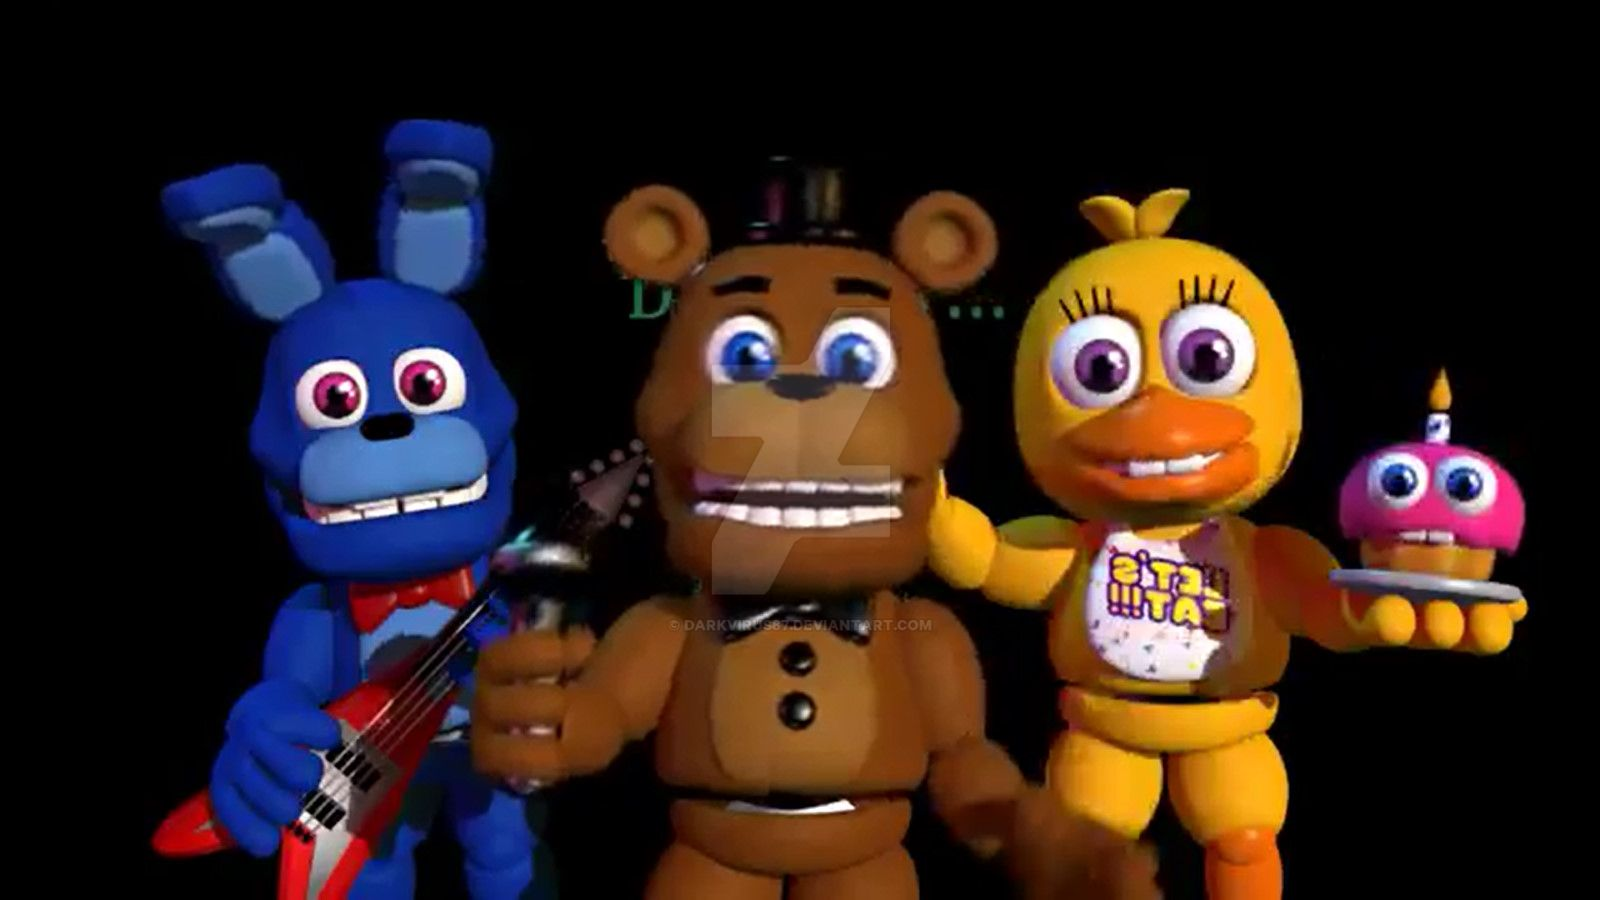 (FNaF World Trailer) Bonnie, Freddy and Chica by DarkVirus87